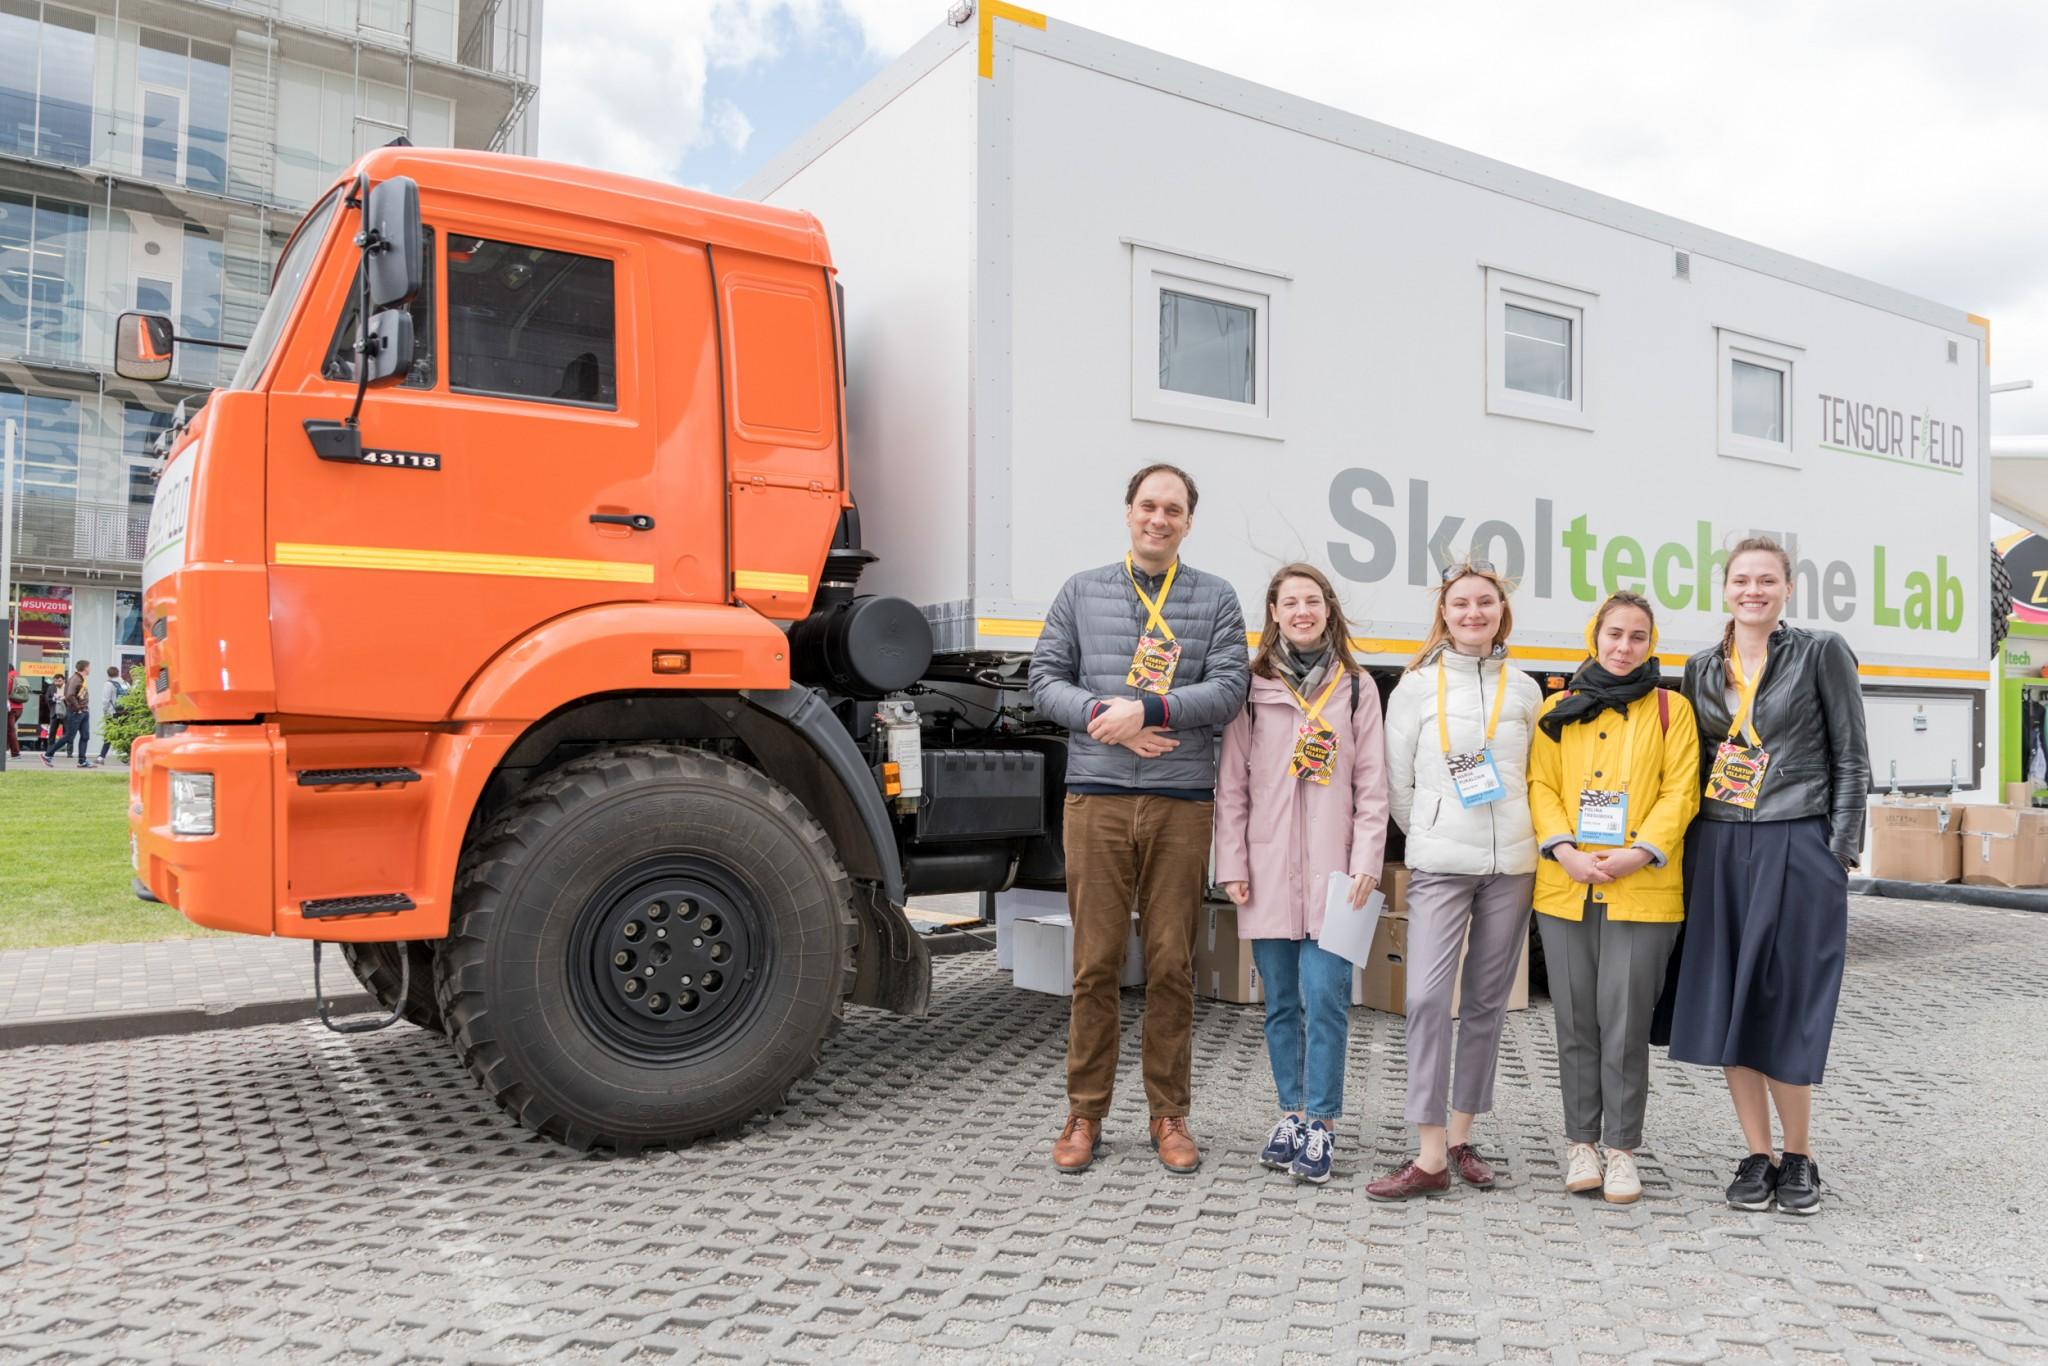 Photo: Skoltech.